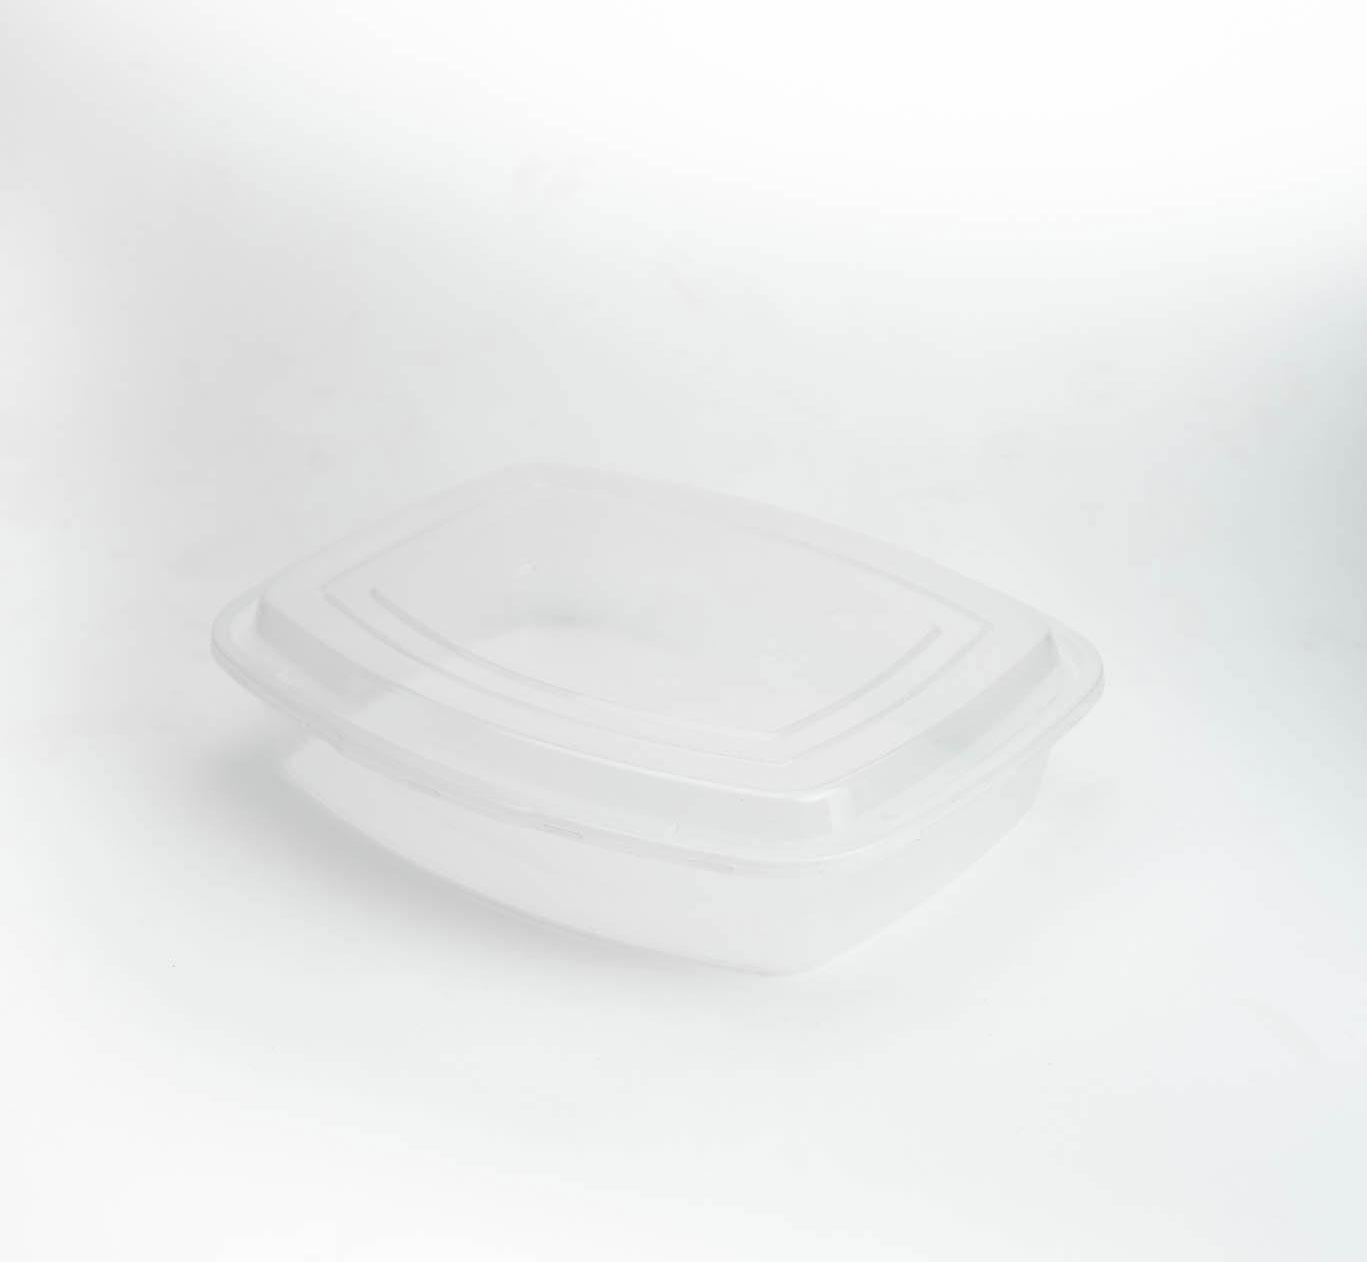 กล่องสลัดพลาสติกใส 1250ml